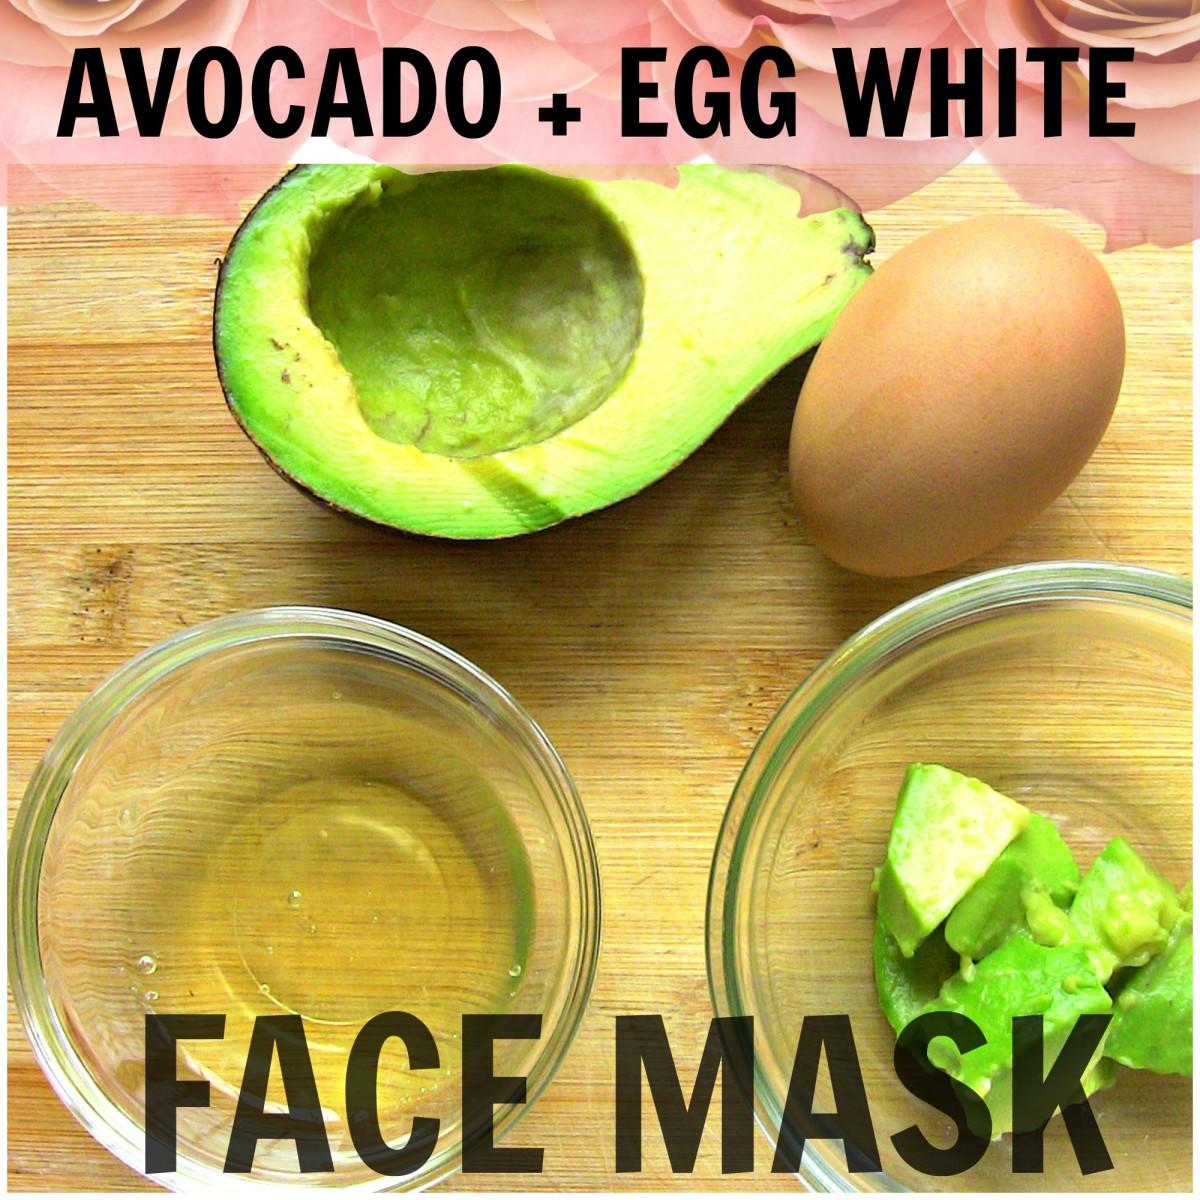 DIY Avocado Egg White Face Mask